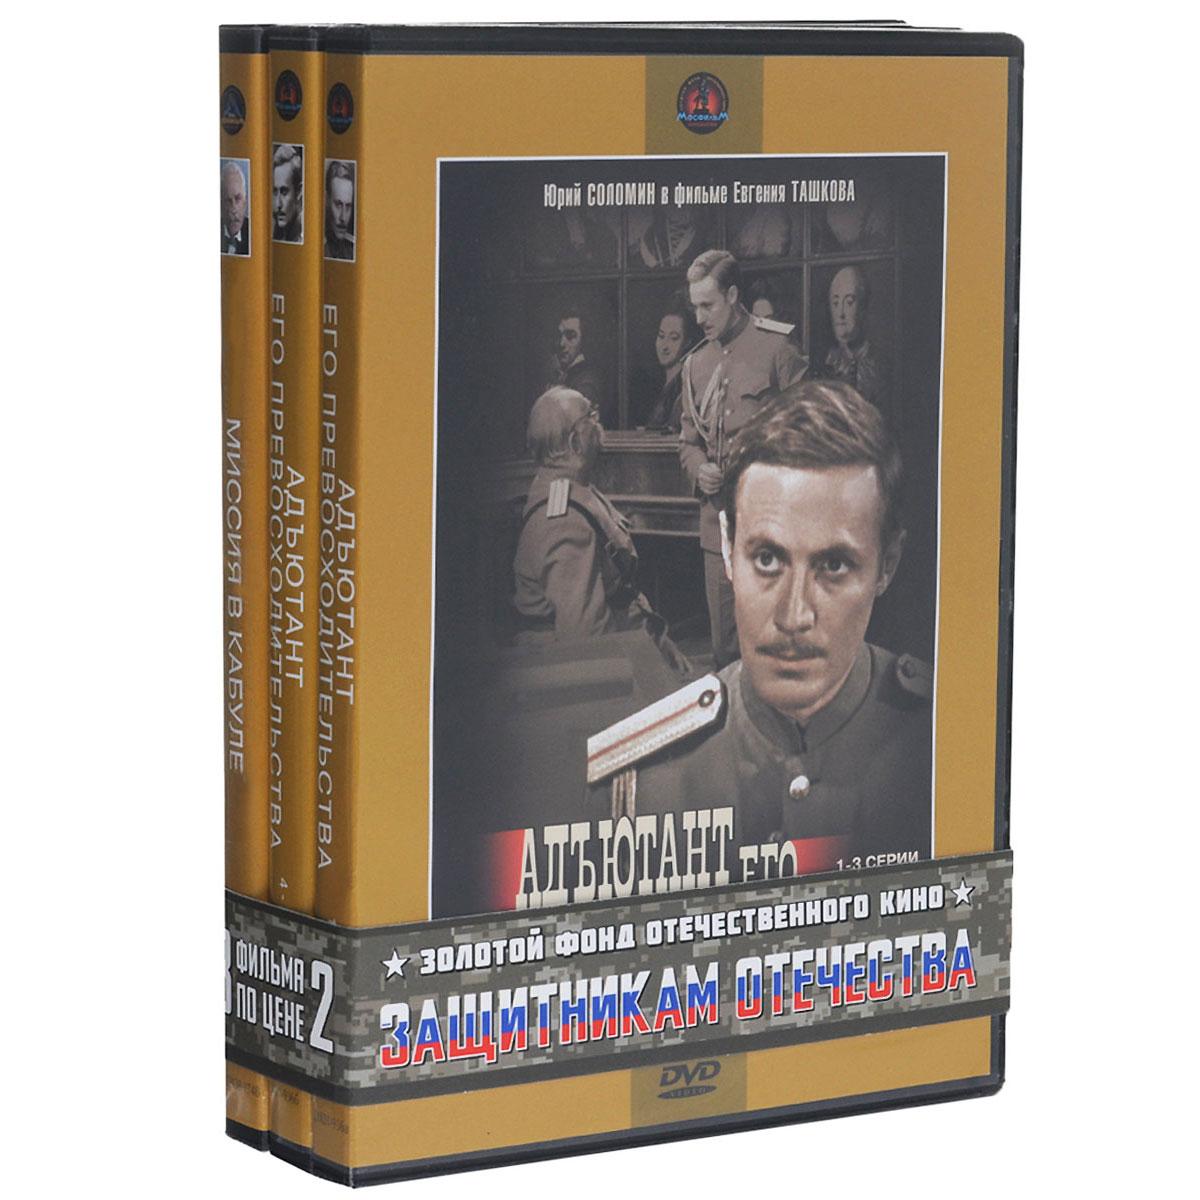 3=2 Защитникам отечества: Адъютант его превосходительства. 01-03 серии / превосходительства.04-05 Миссия в Кабуле. 01-02 (3 DVD)